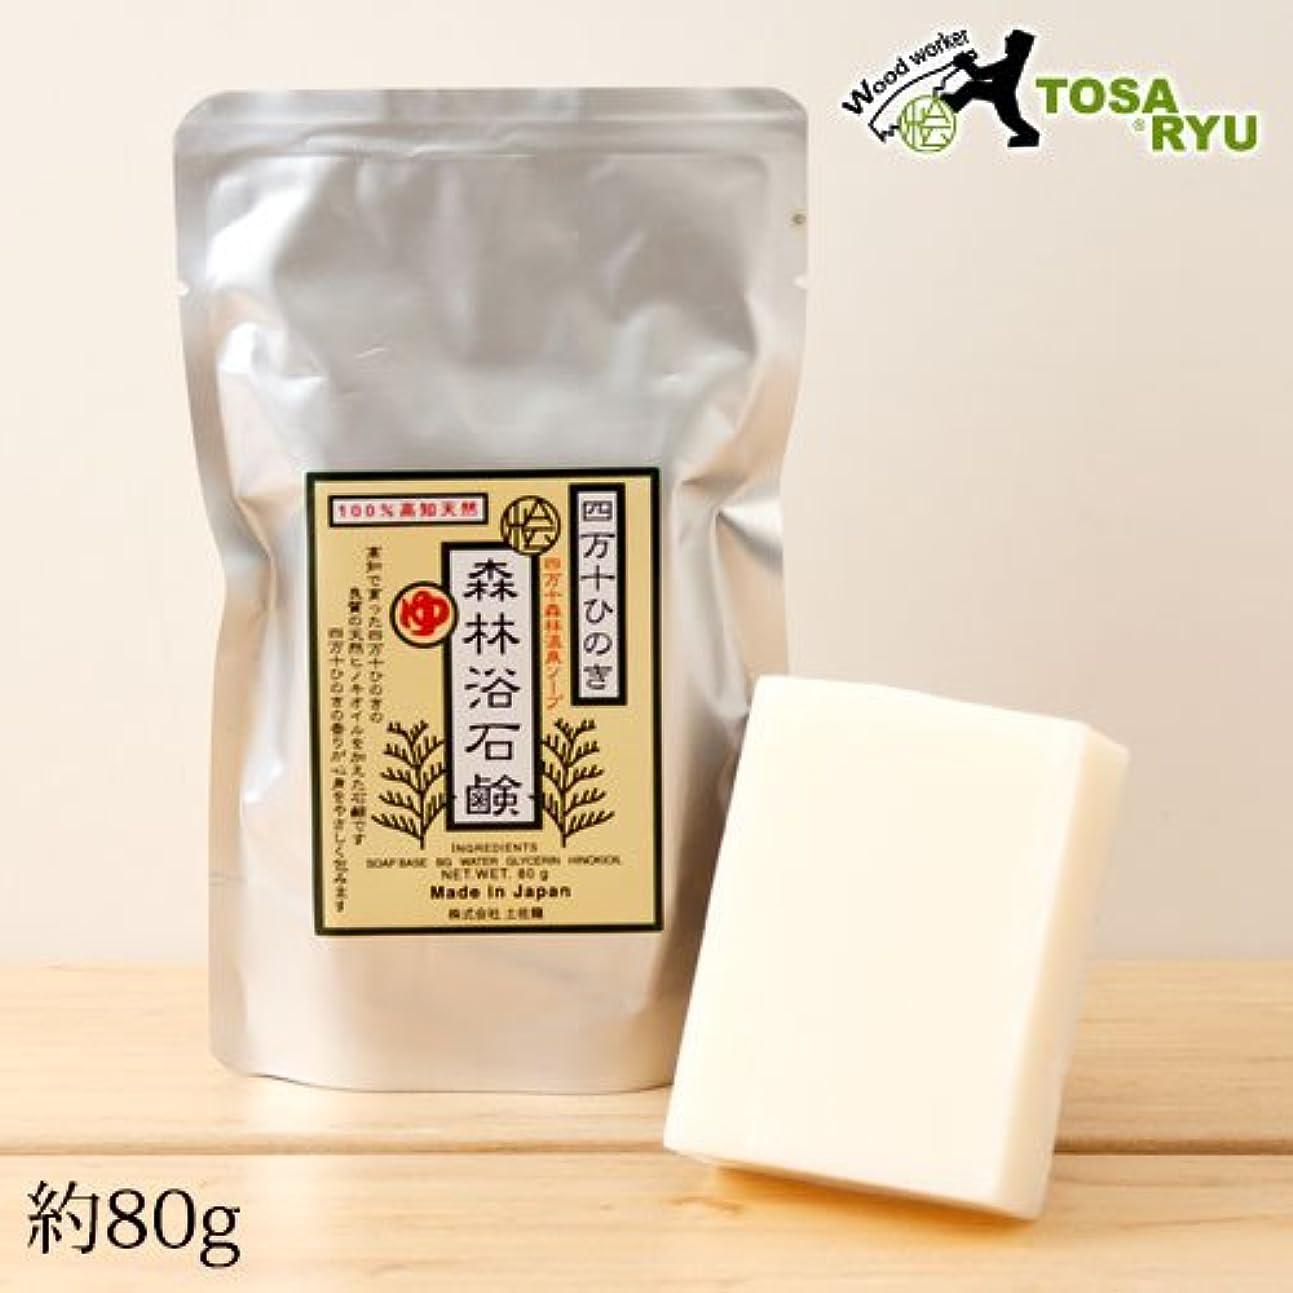 有効落ち着くオセアニア土佐龍四万十森林温泉石鹸ひのきの香りのアロマソープ高知県の工芸品Aroma soap scent of cypress, Kochi craft